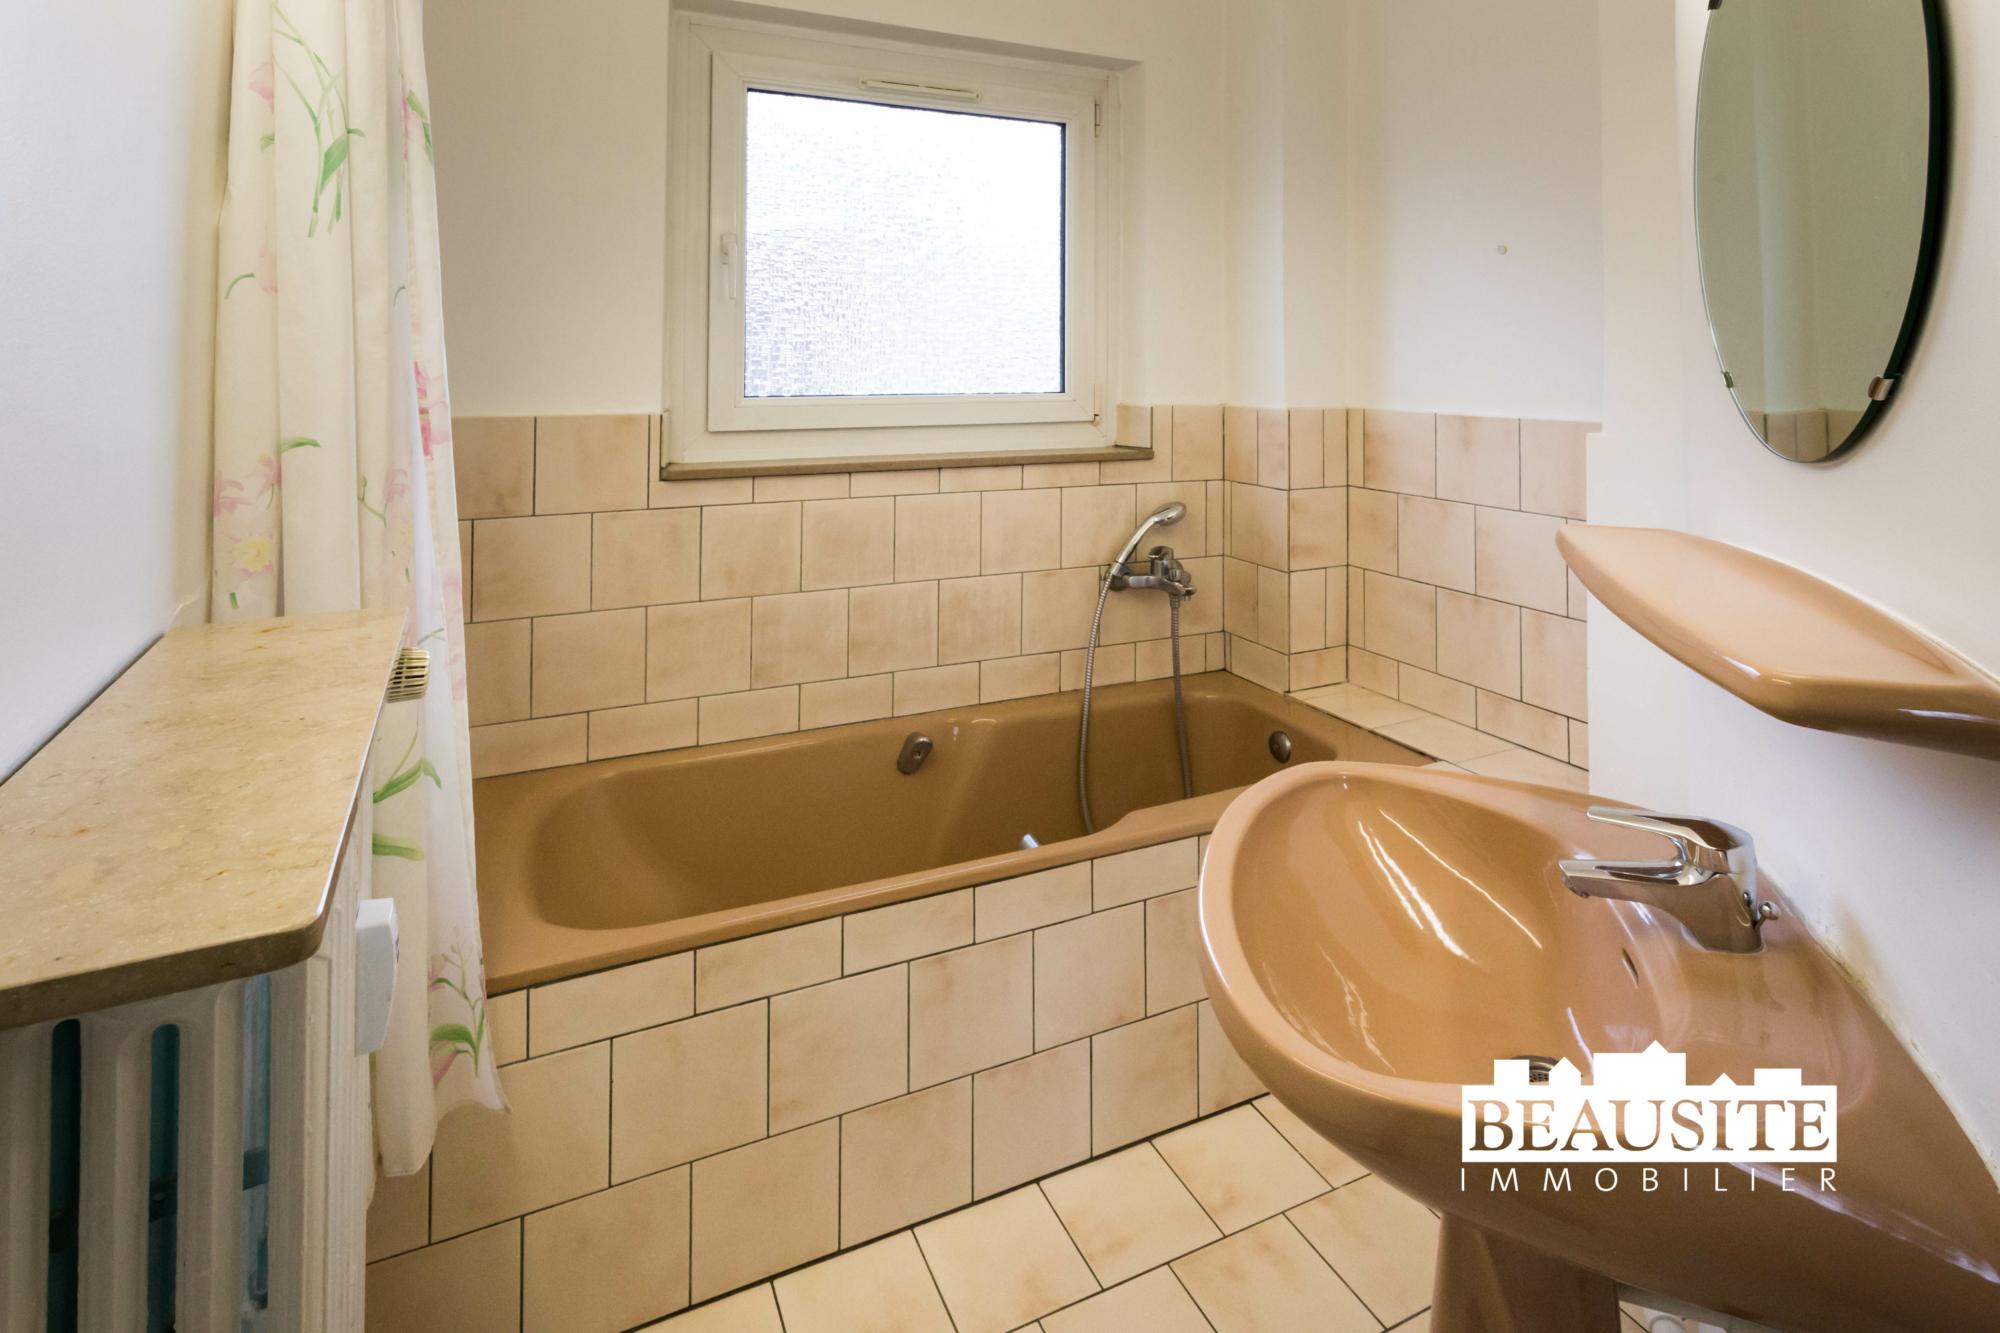 [Paquebot] Accostez dans un appartement à la vue sur la Cathédrale - Halles / rue de Bouxwiller - nos ventes - Beausite Immobilier 12